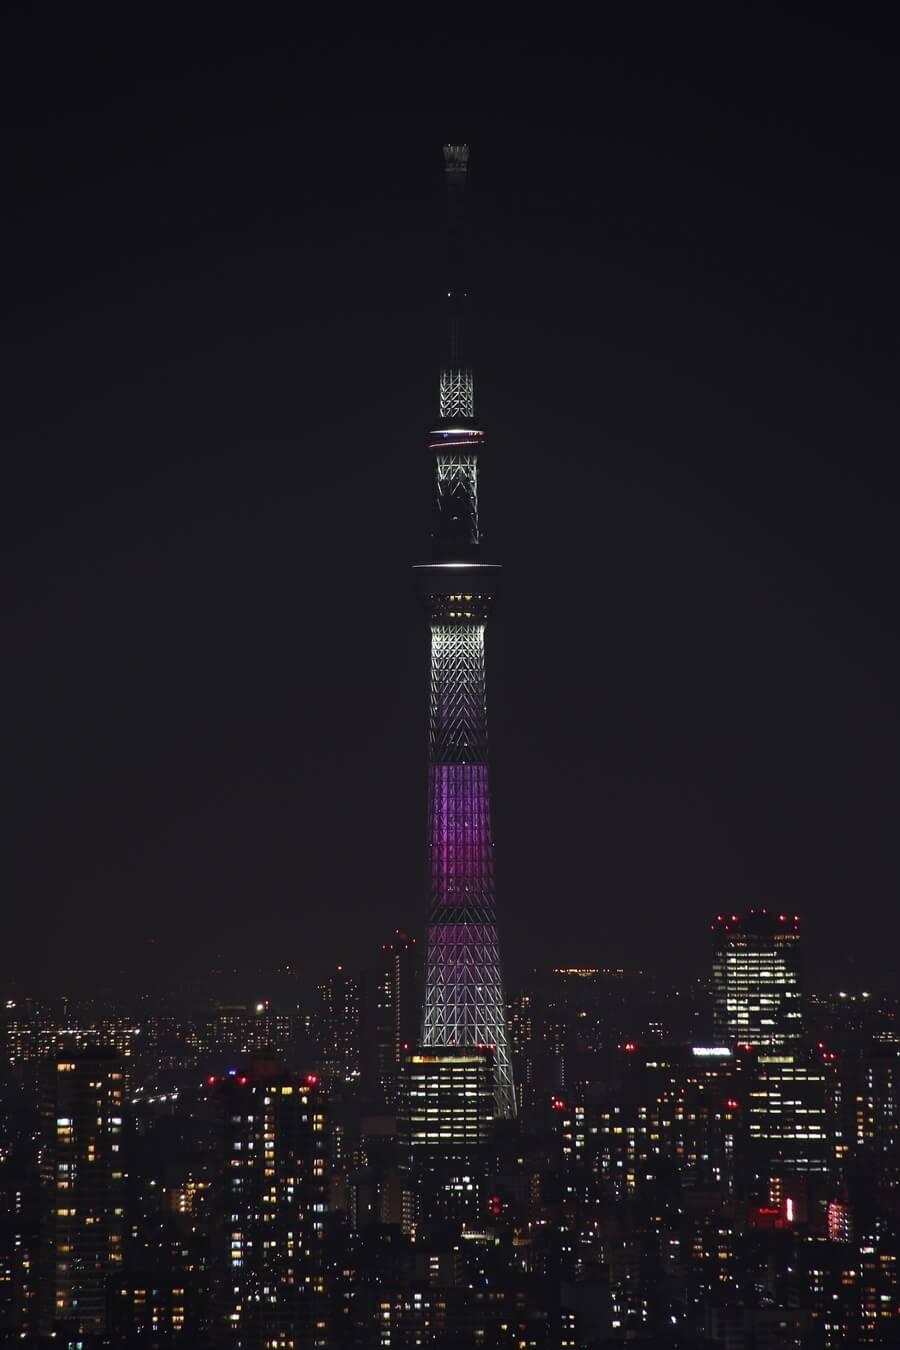 東京スカイツリー 舞 tokyo_skytree_mai (5)